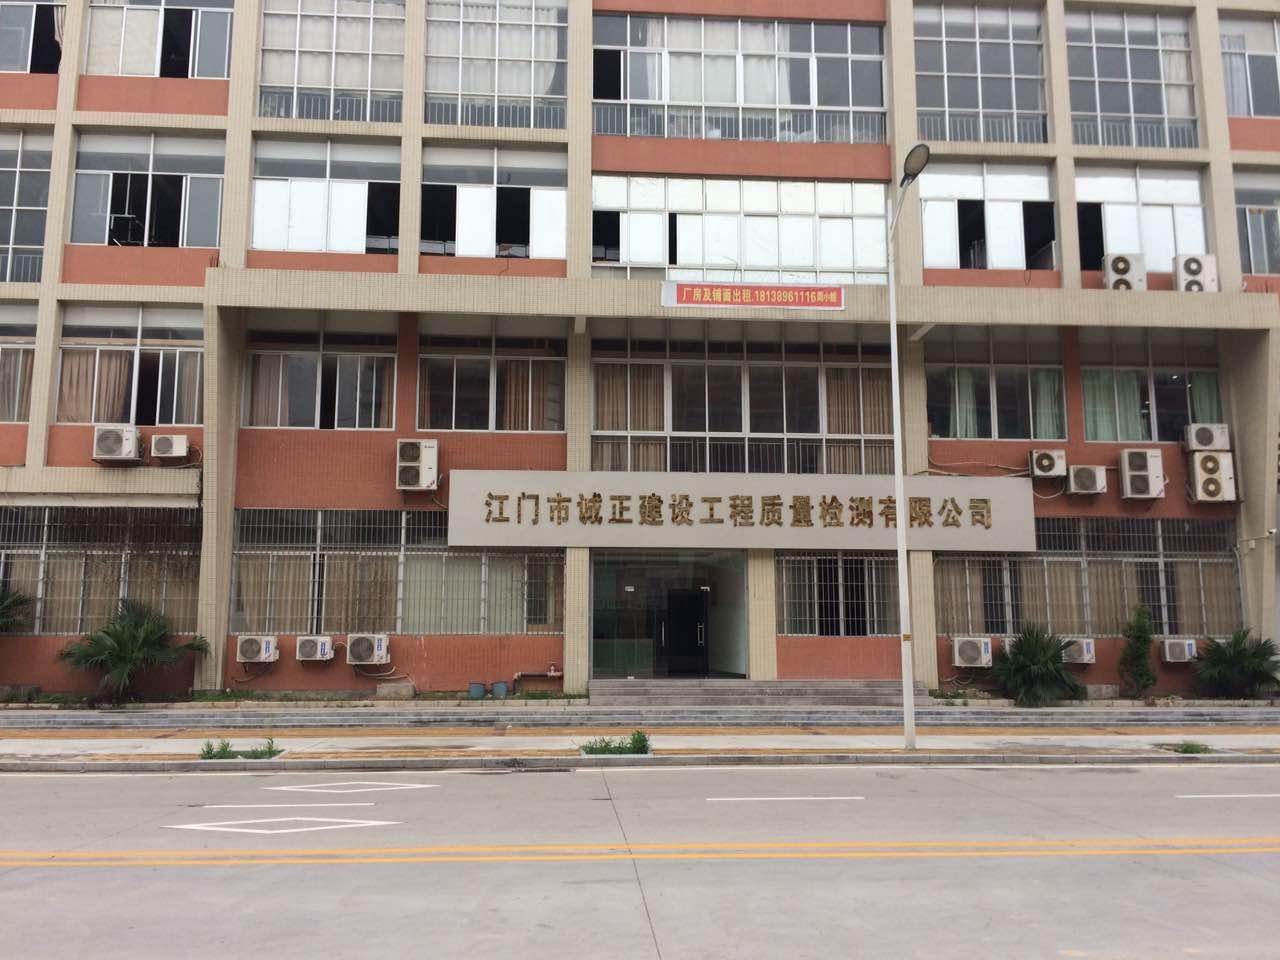 江门市建设工程质量检测中心